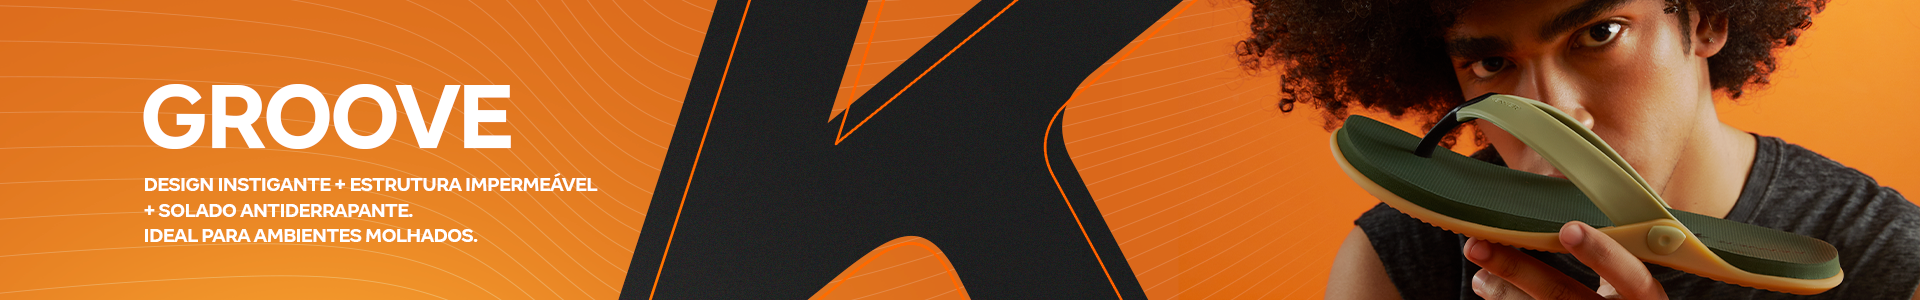 banner-desktop-groove